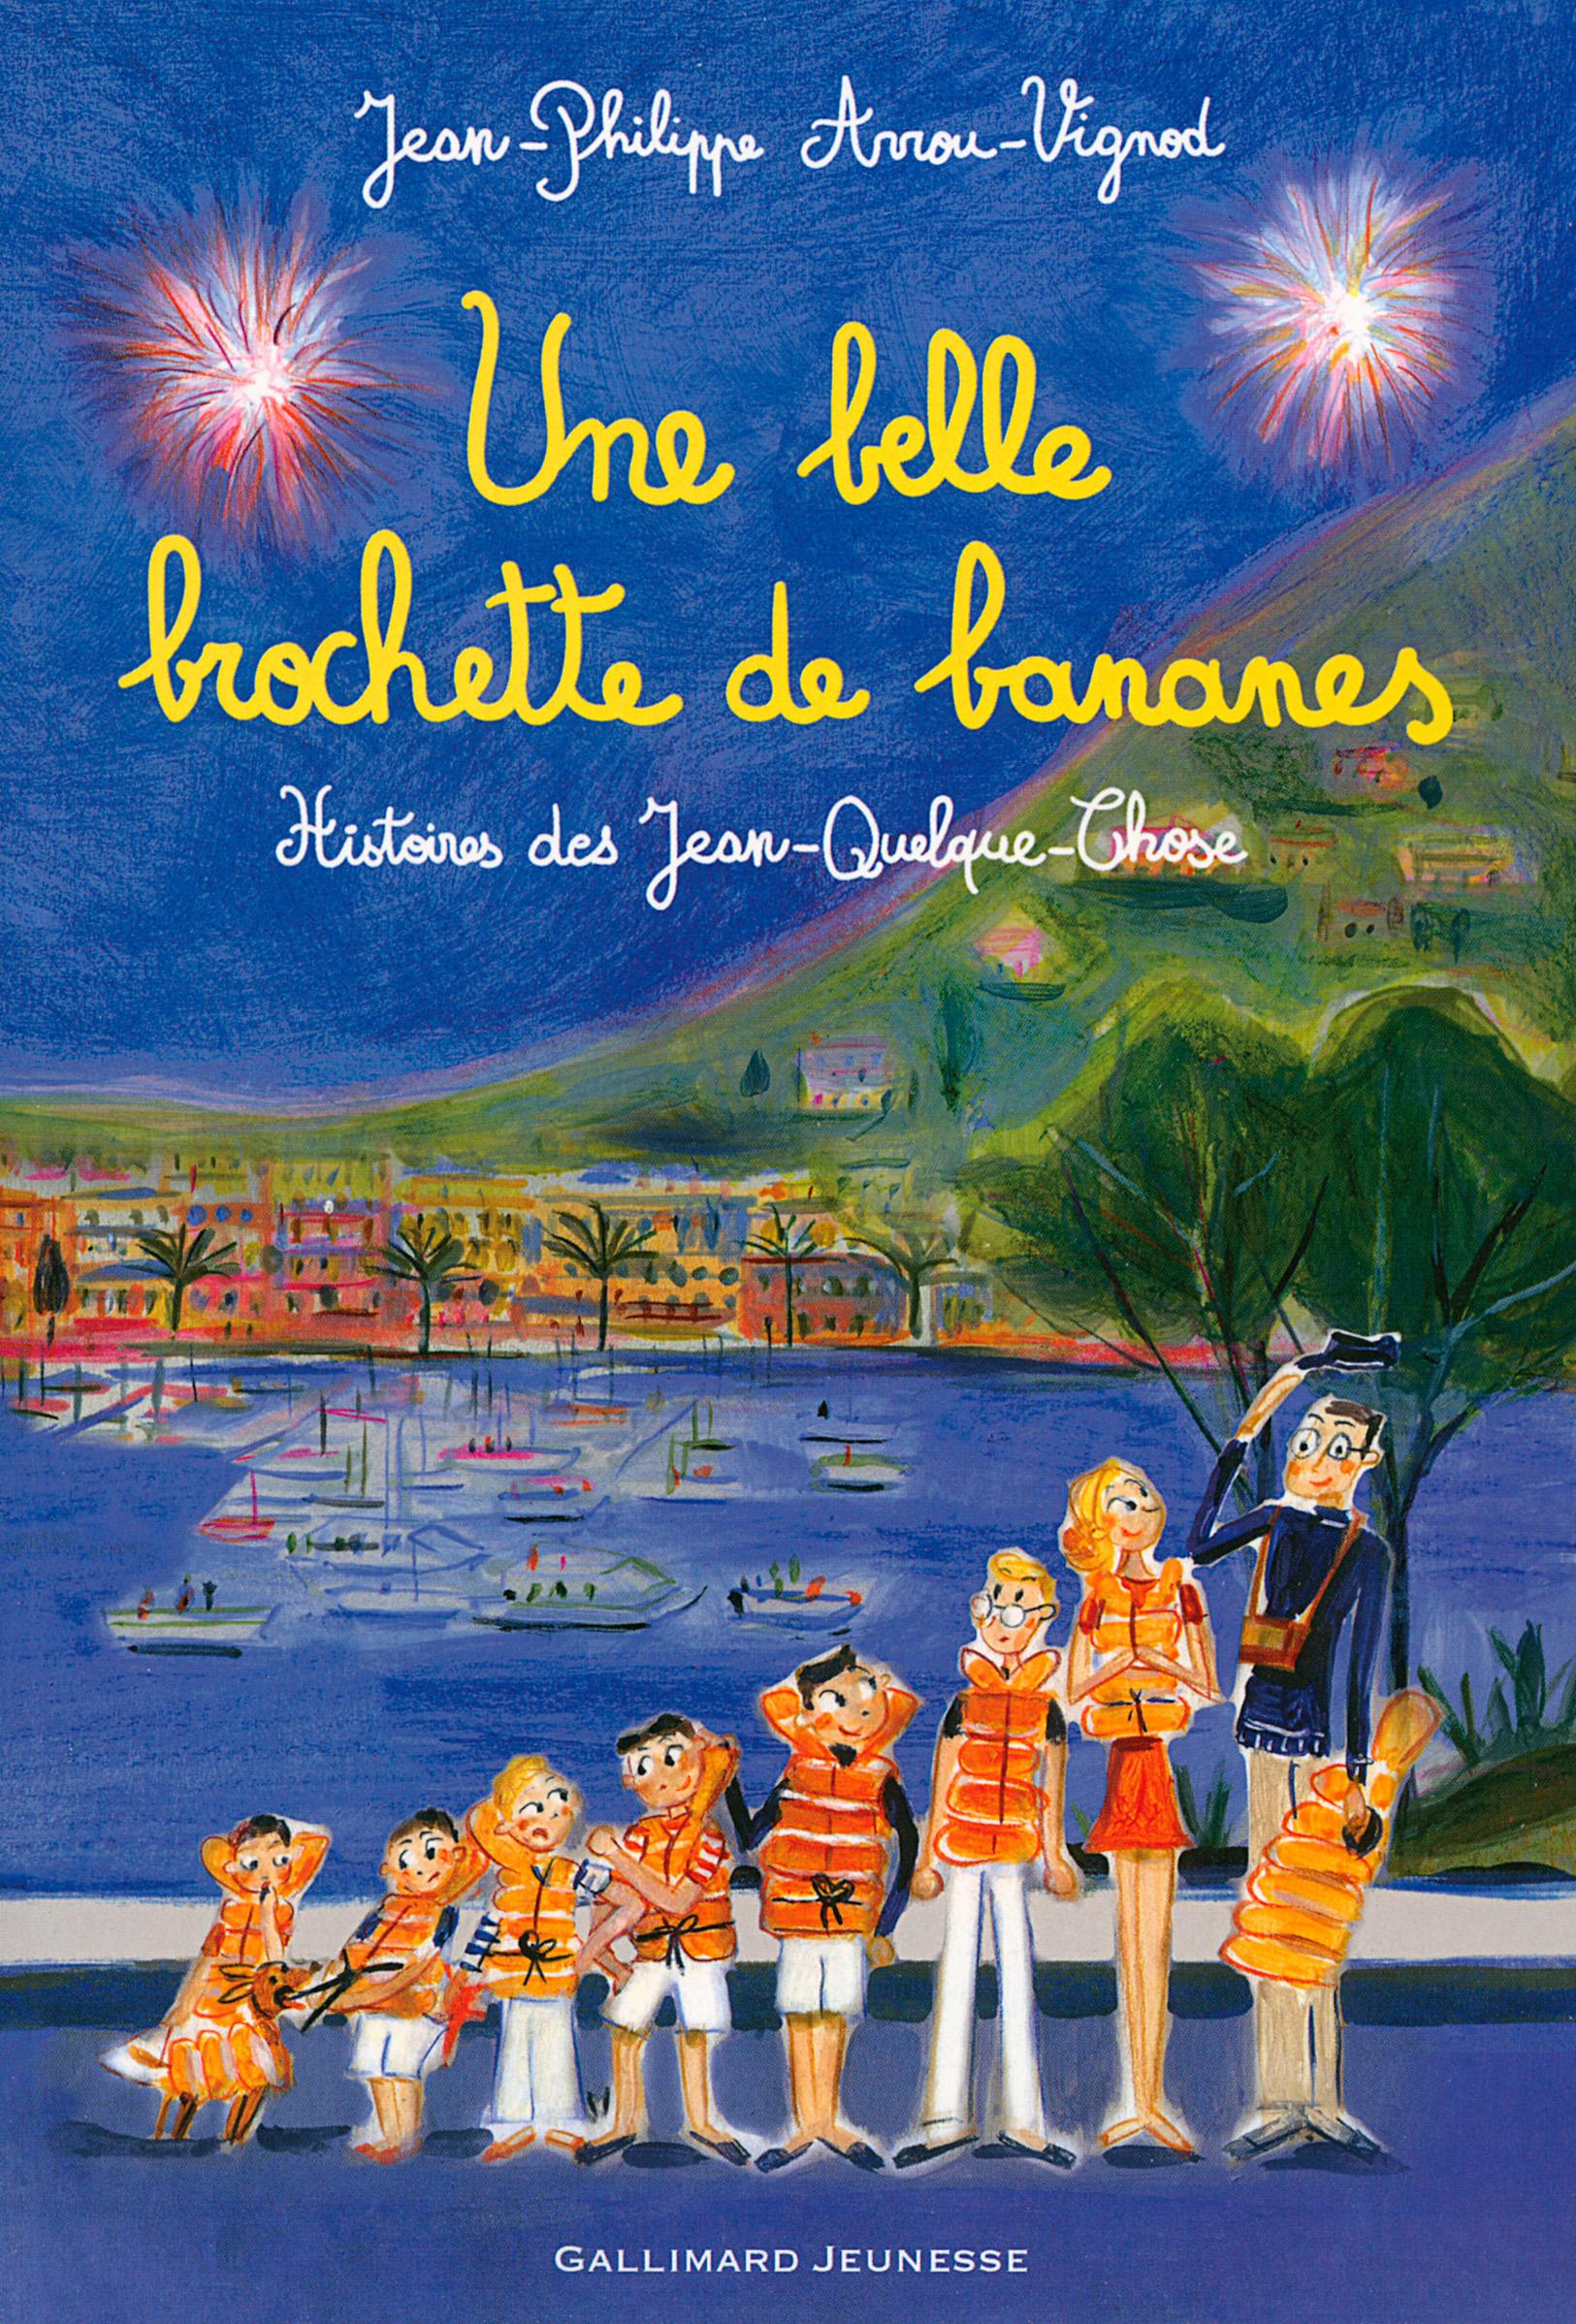 Histoires des Jean-Quelque-Chose (Tome 6) - Une belle brochette de bananes | Arrou-Vignod, Jean-Philippe